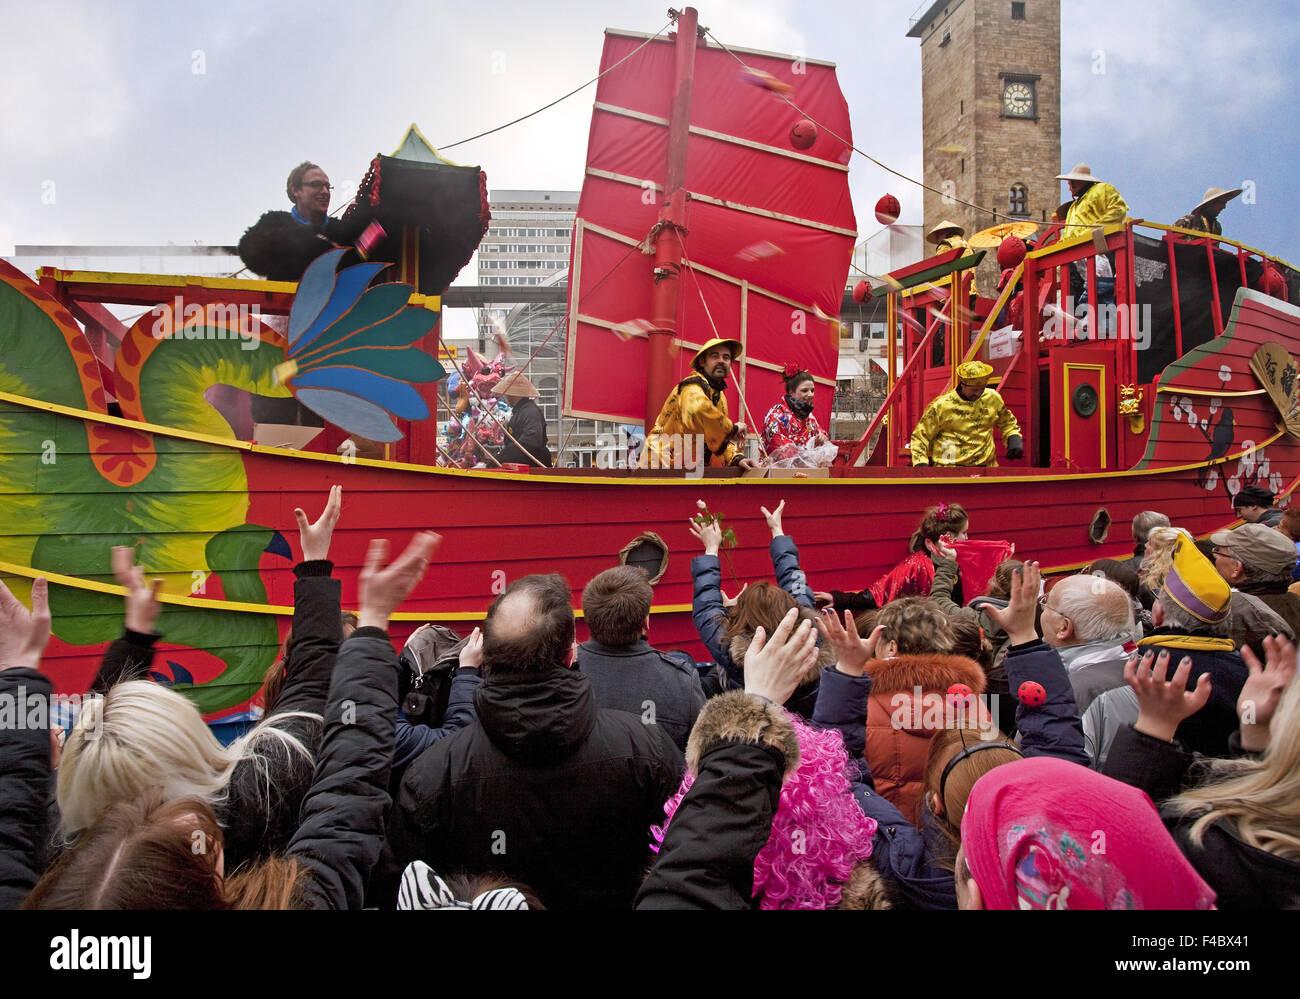 Défilé de carnaval, Hagen, Allemagne Photo Stock